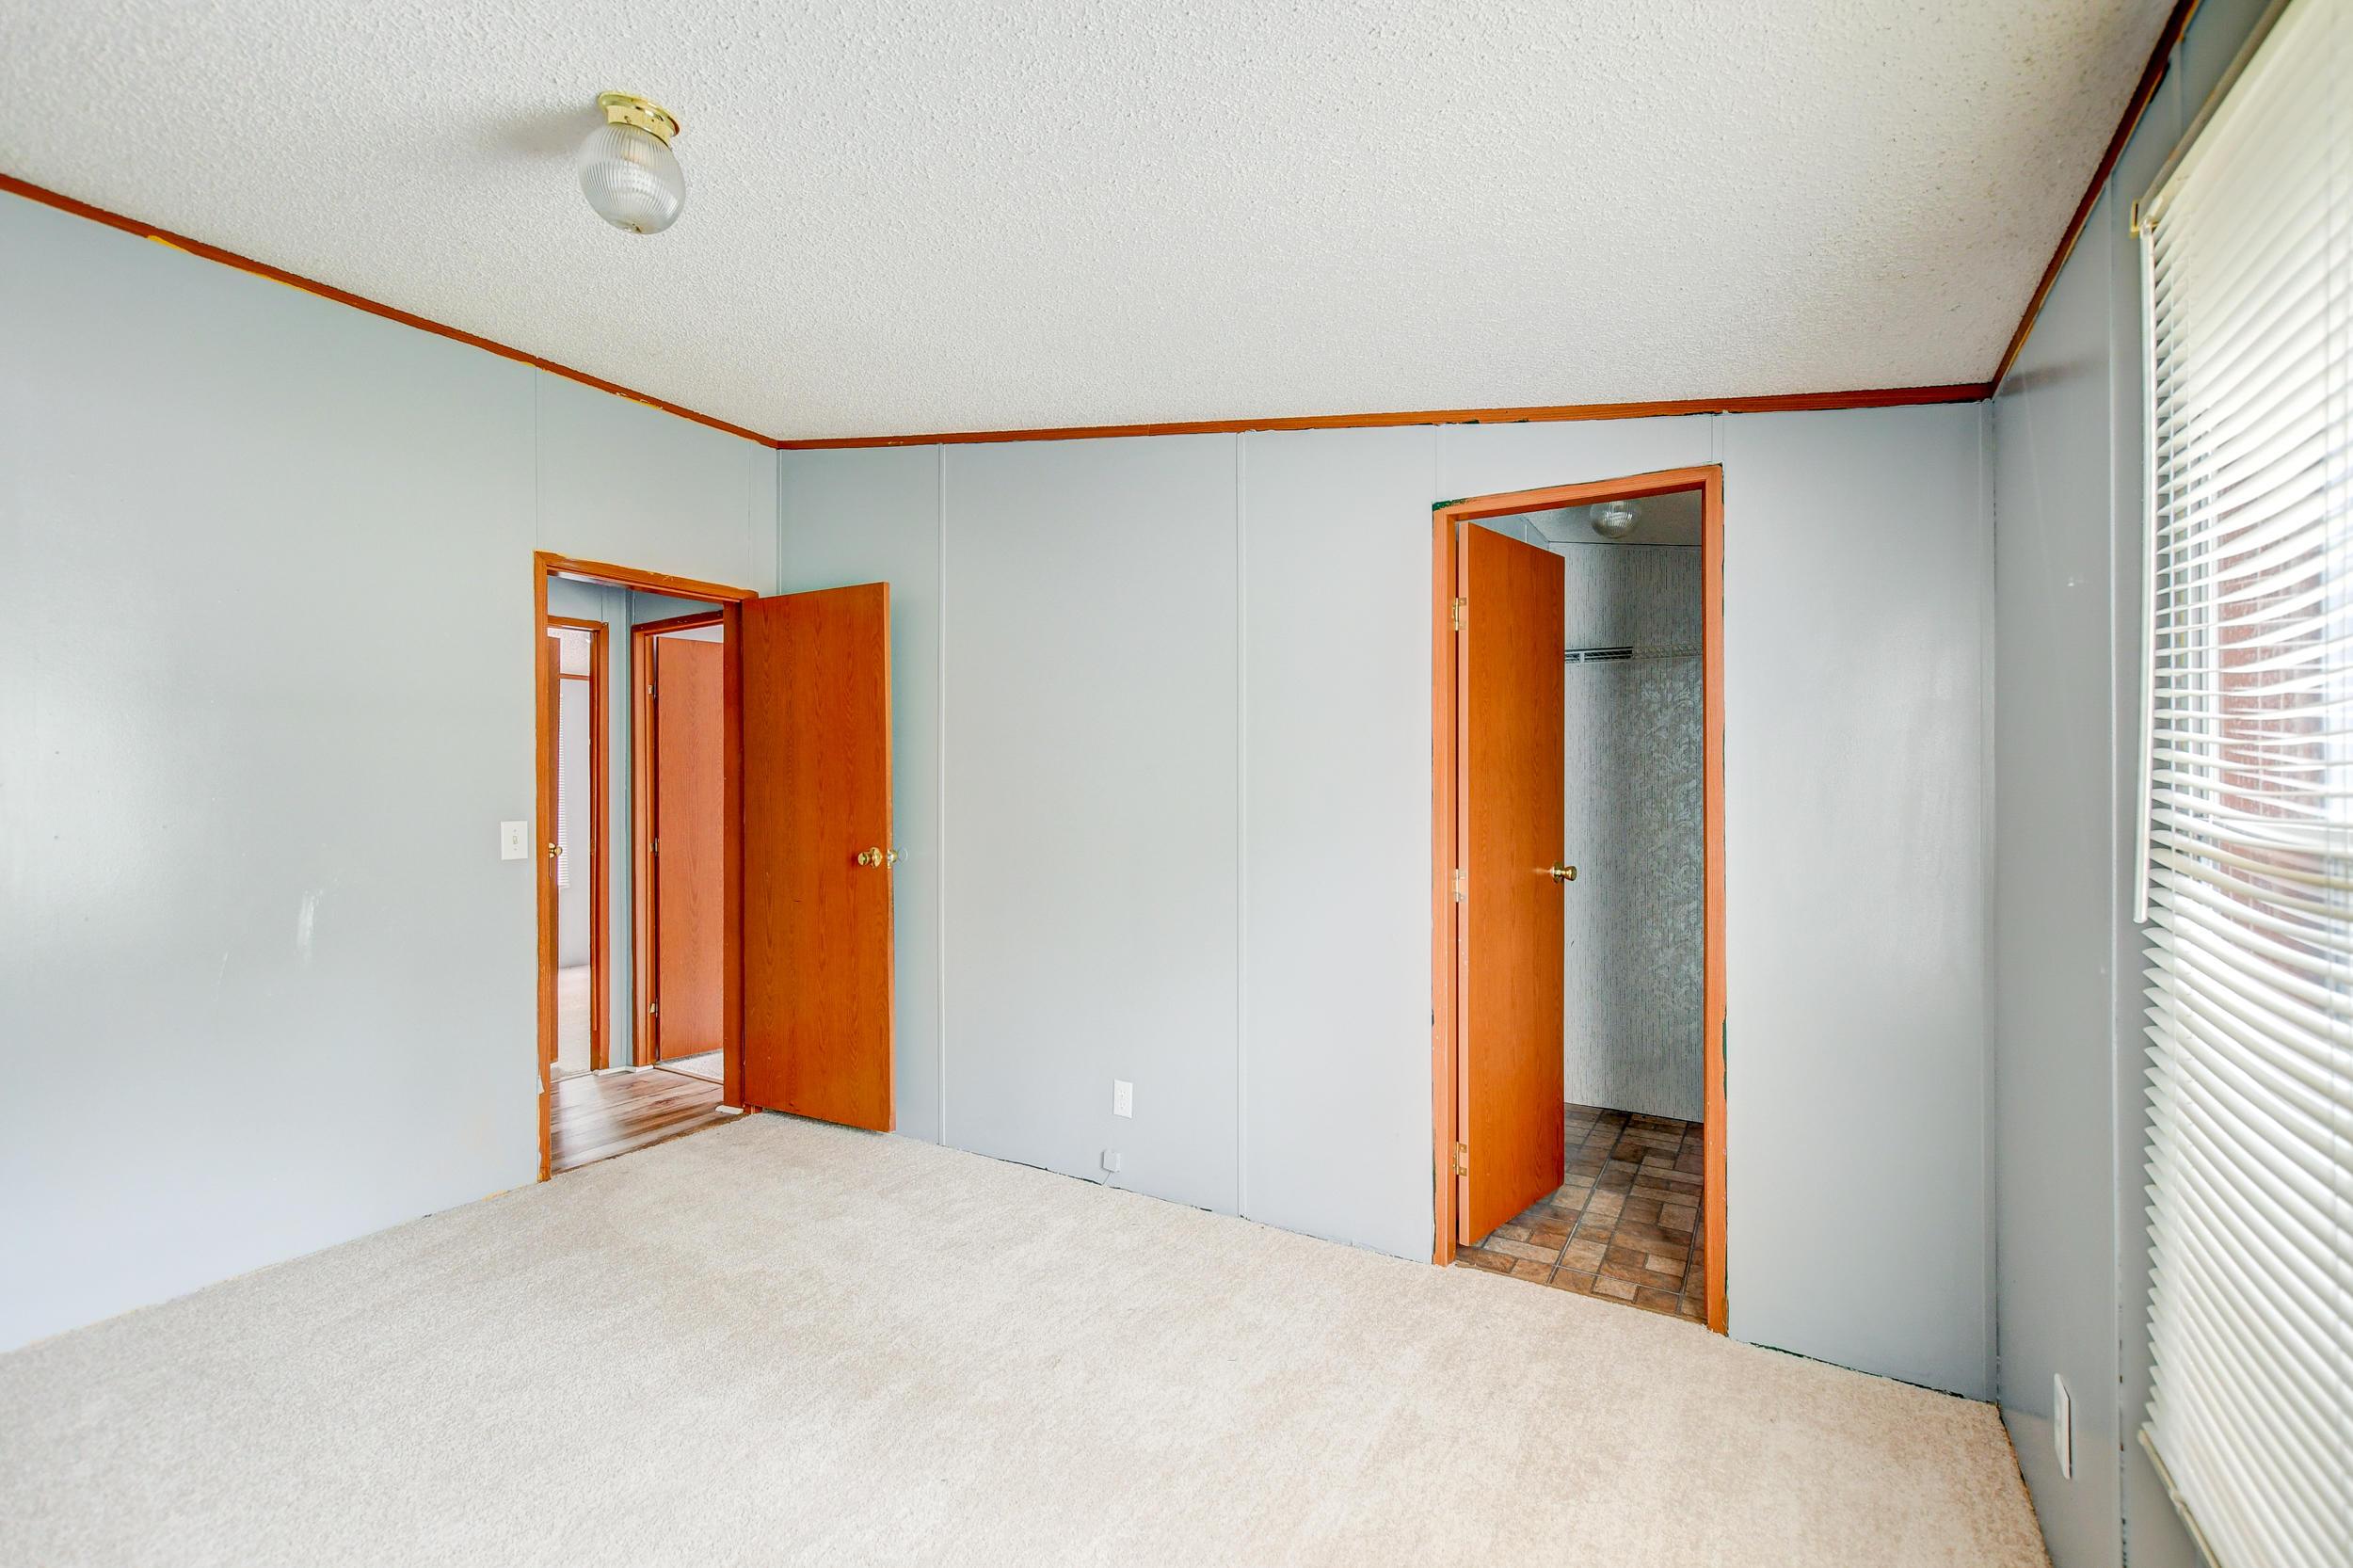 Clemson Terrace Homes For Sale - 123 Colkitt, Summerville, SC - 18